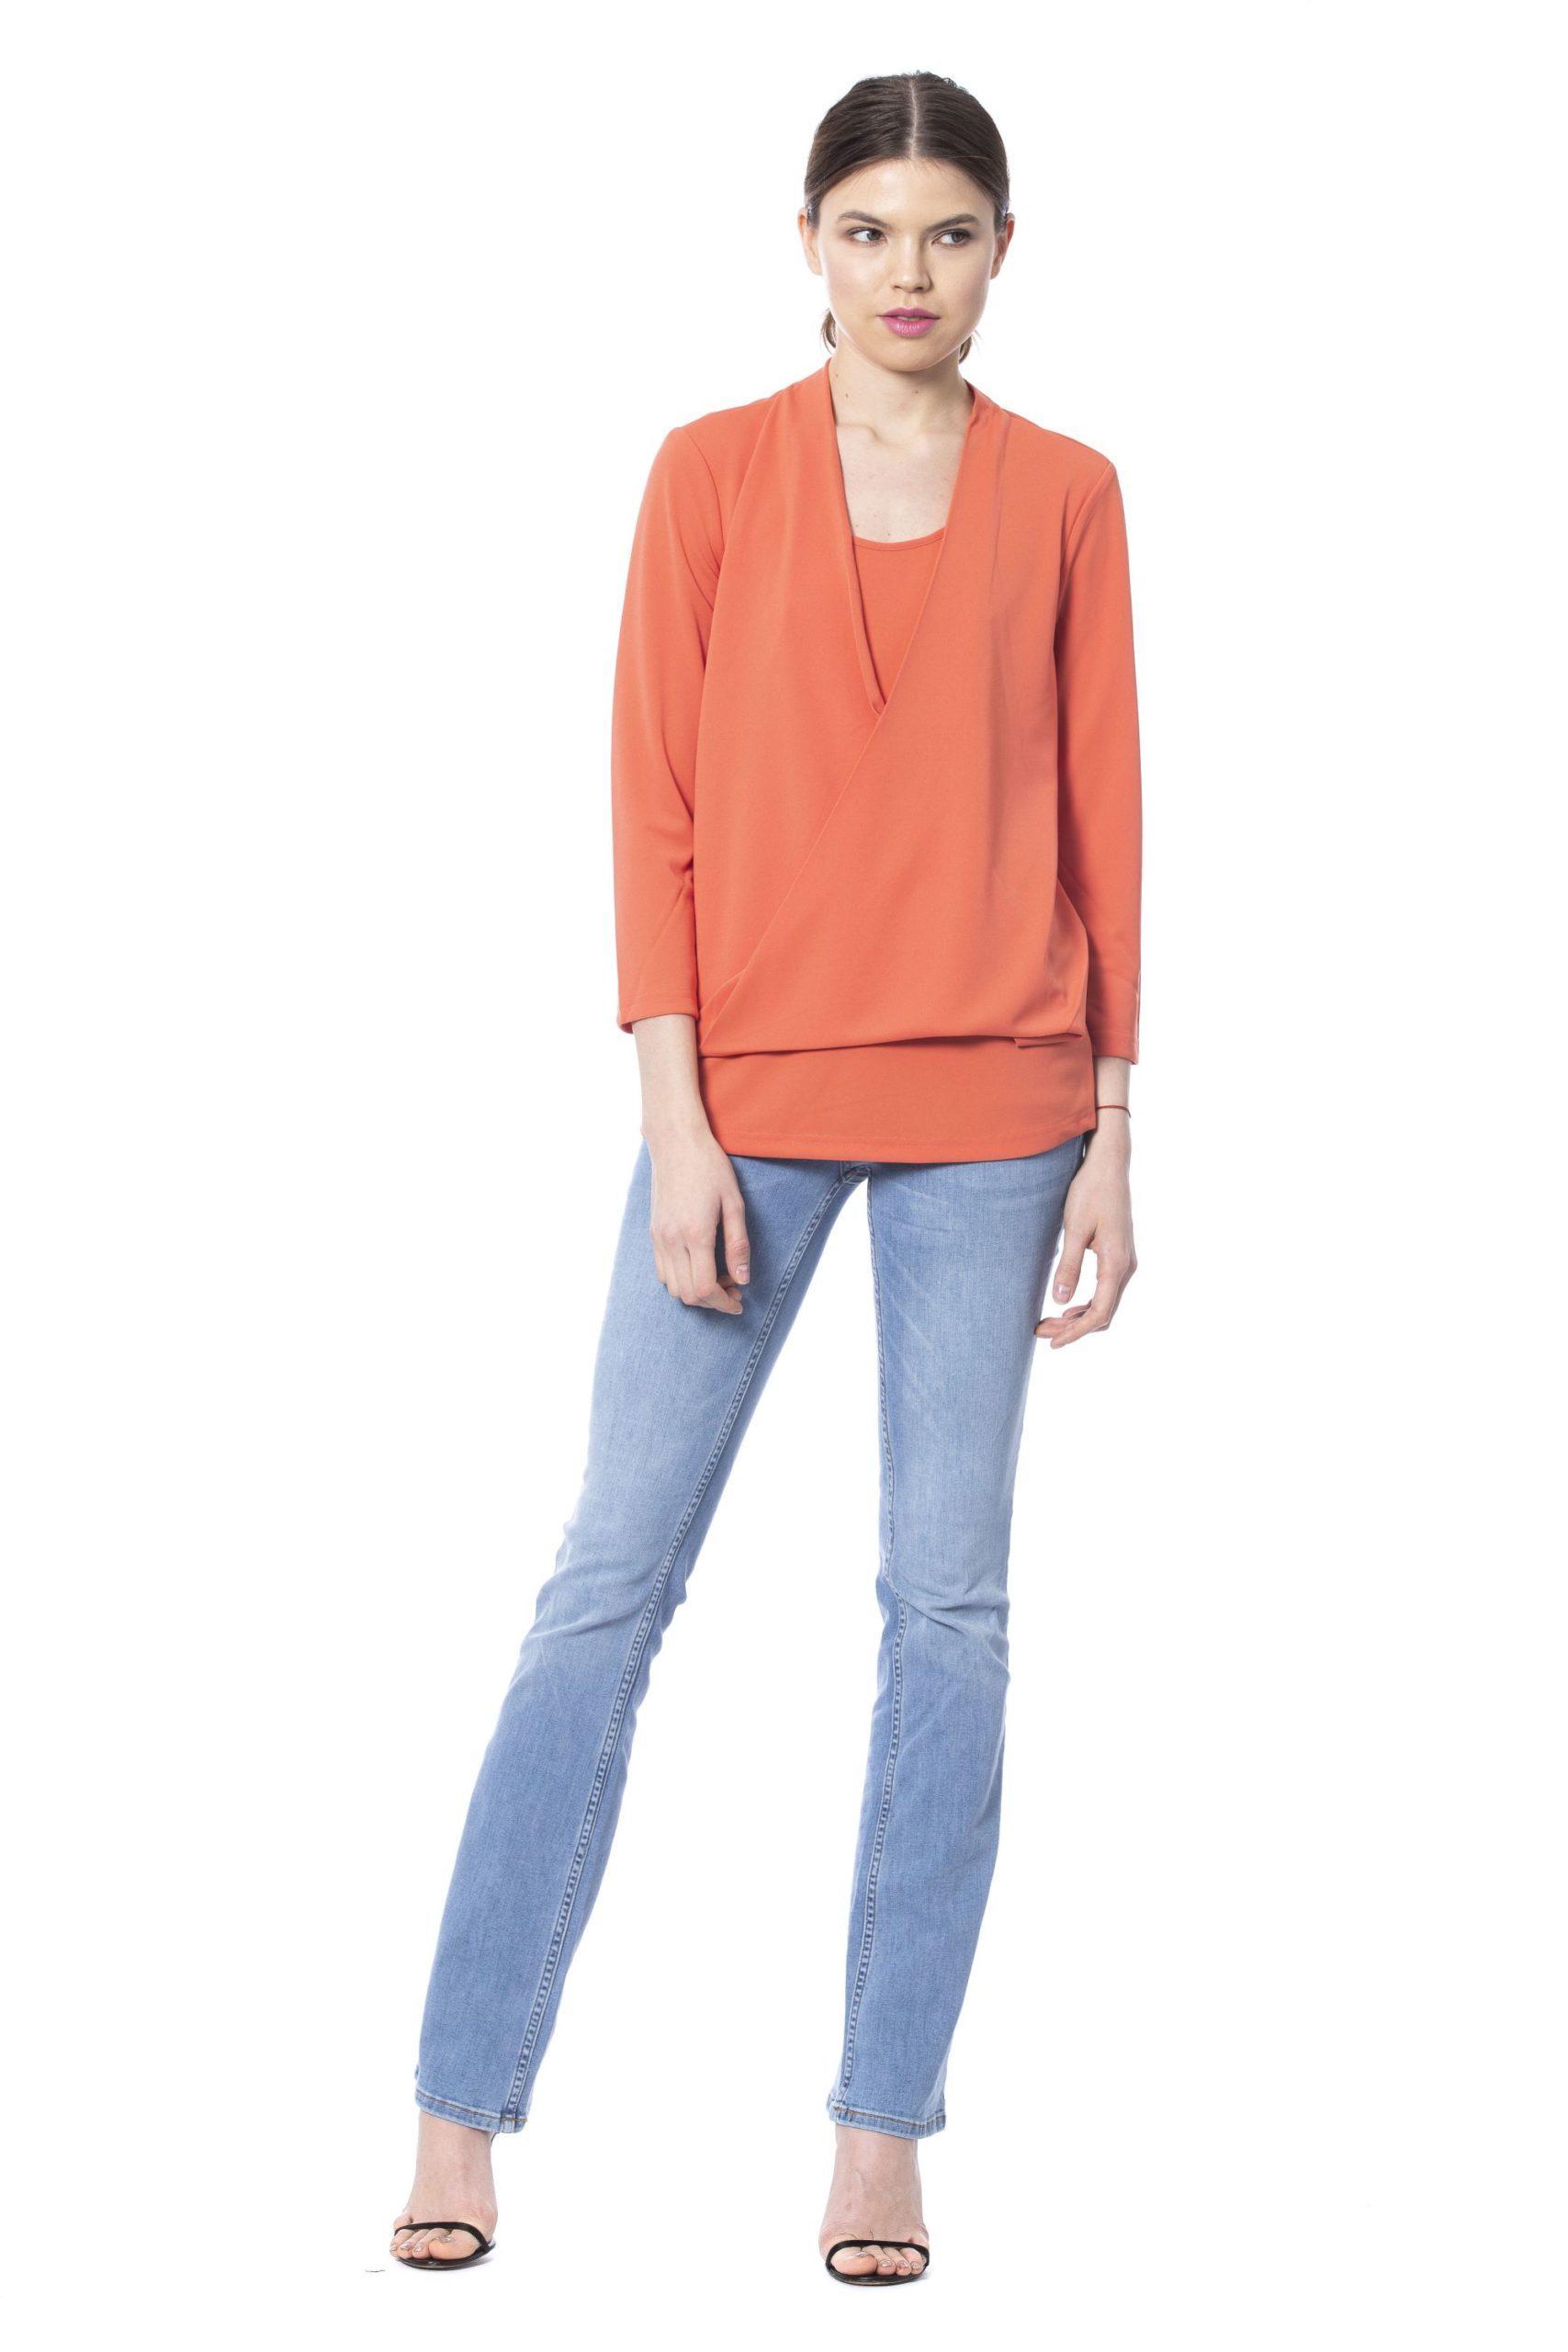 Silvian Heach Women's T-Shirt Pink SI1235490 - XXS